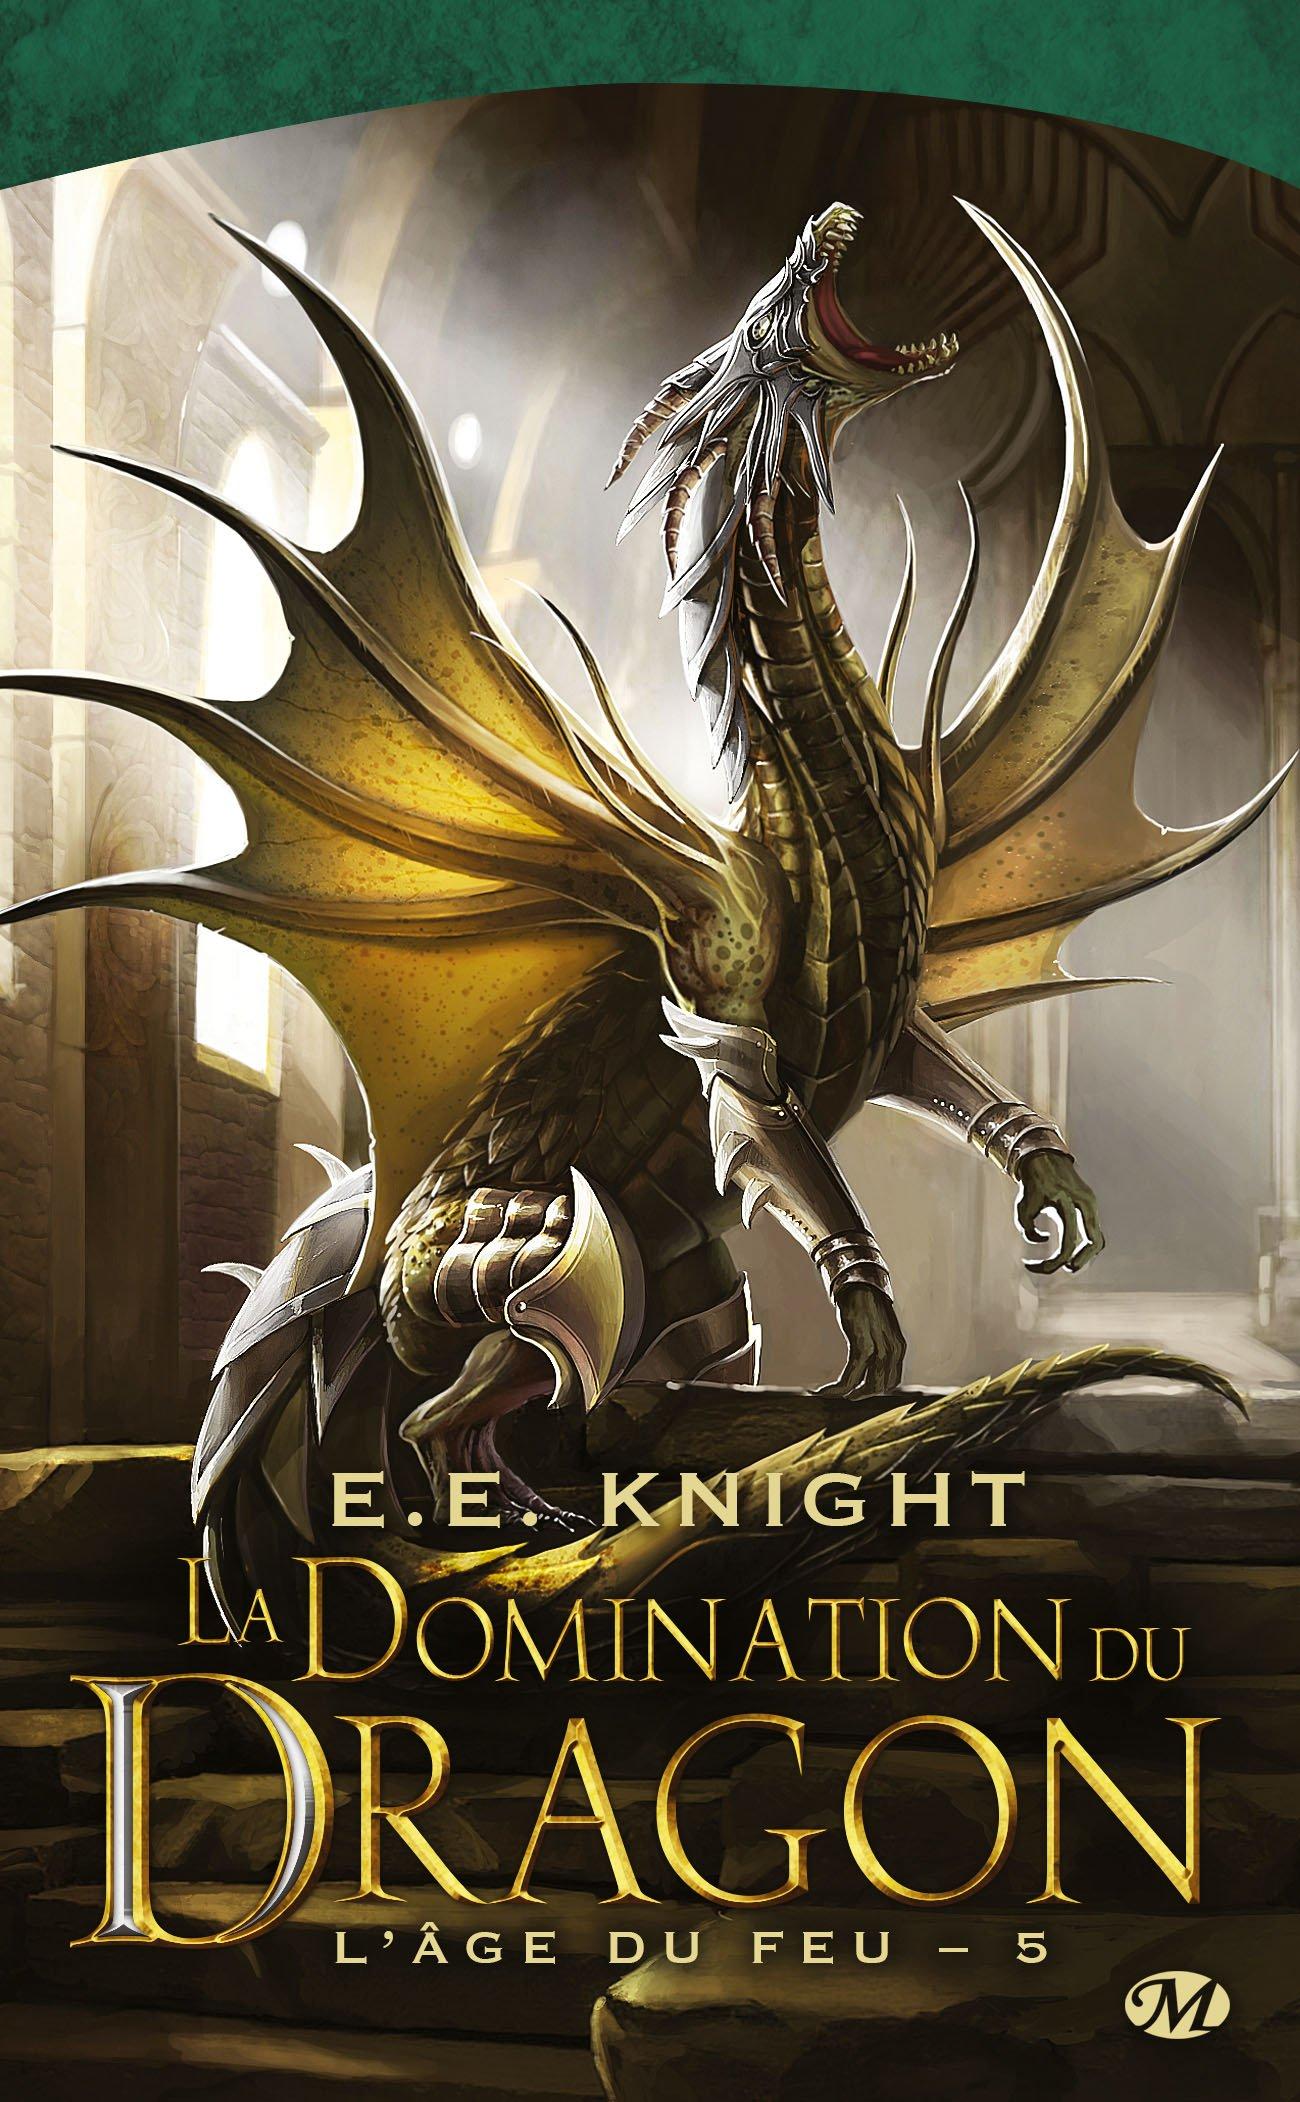 L'Âge du feu, Tome 5 : La domination du dragon 81lbXpxhKmL